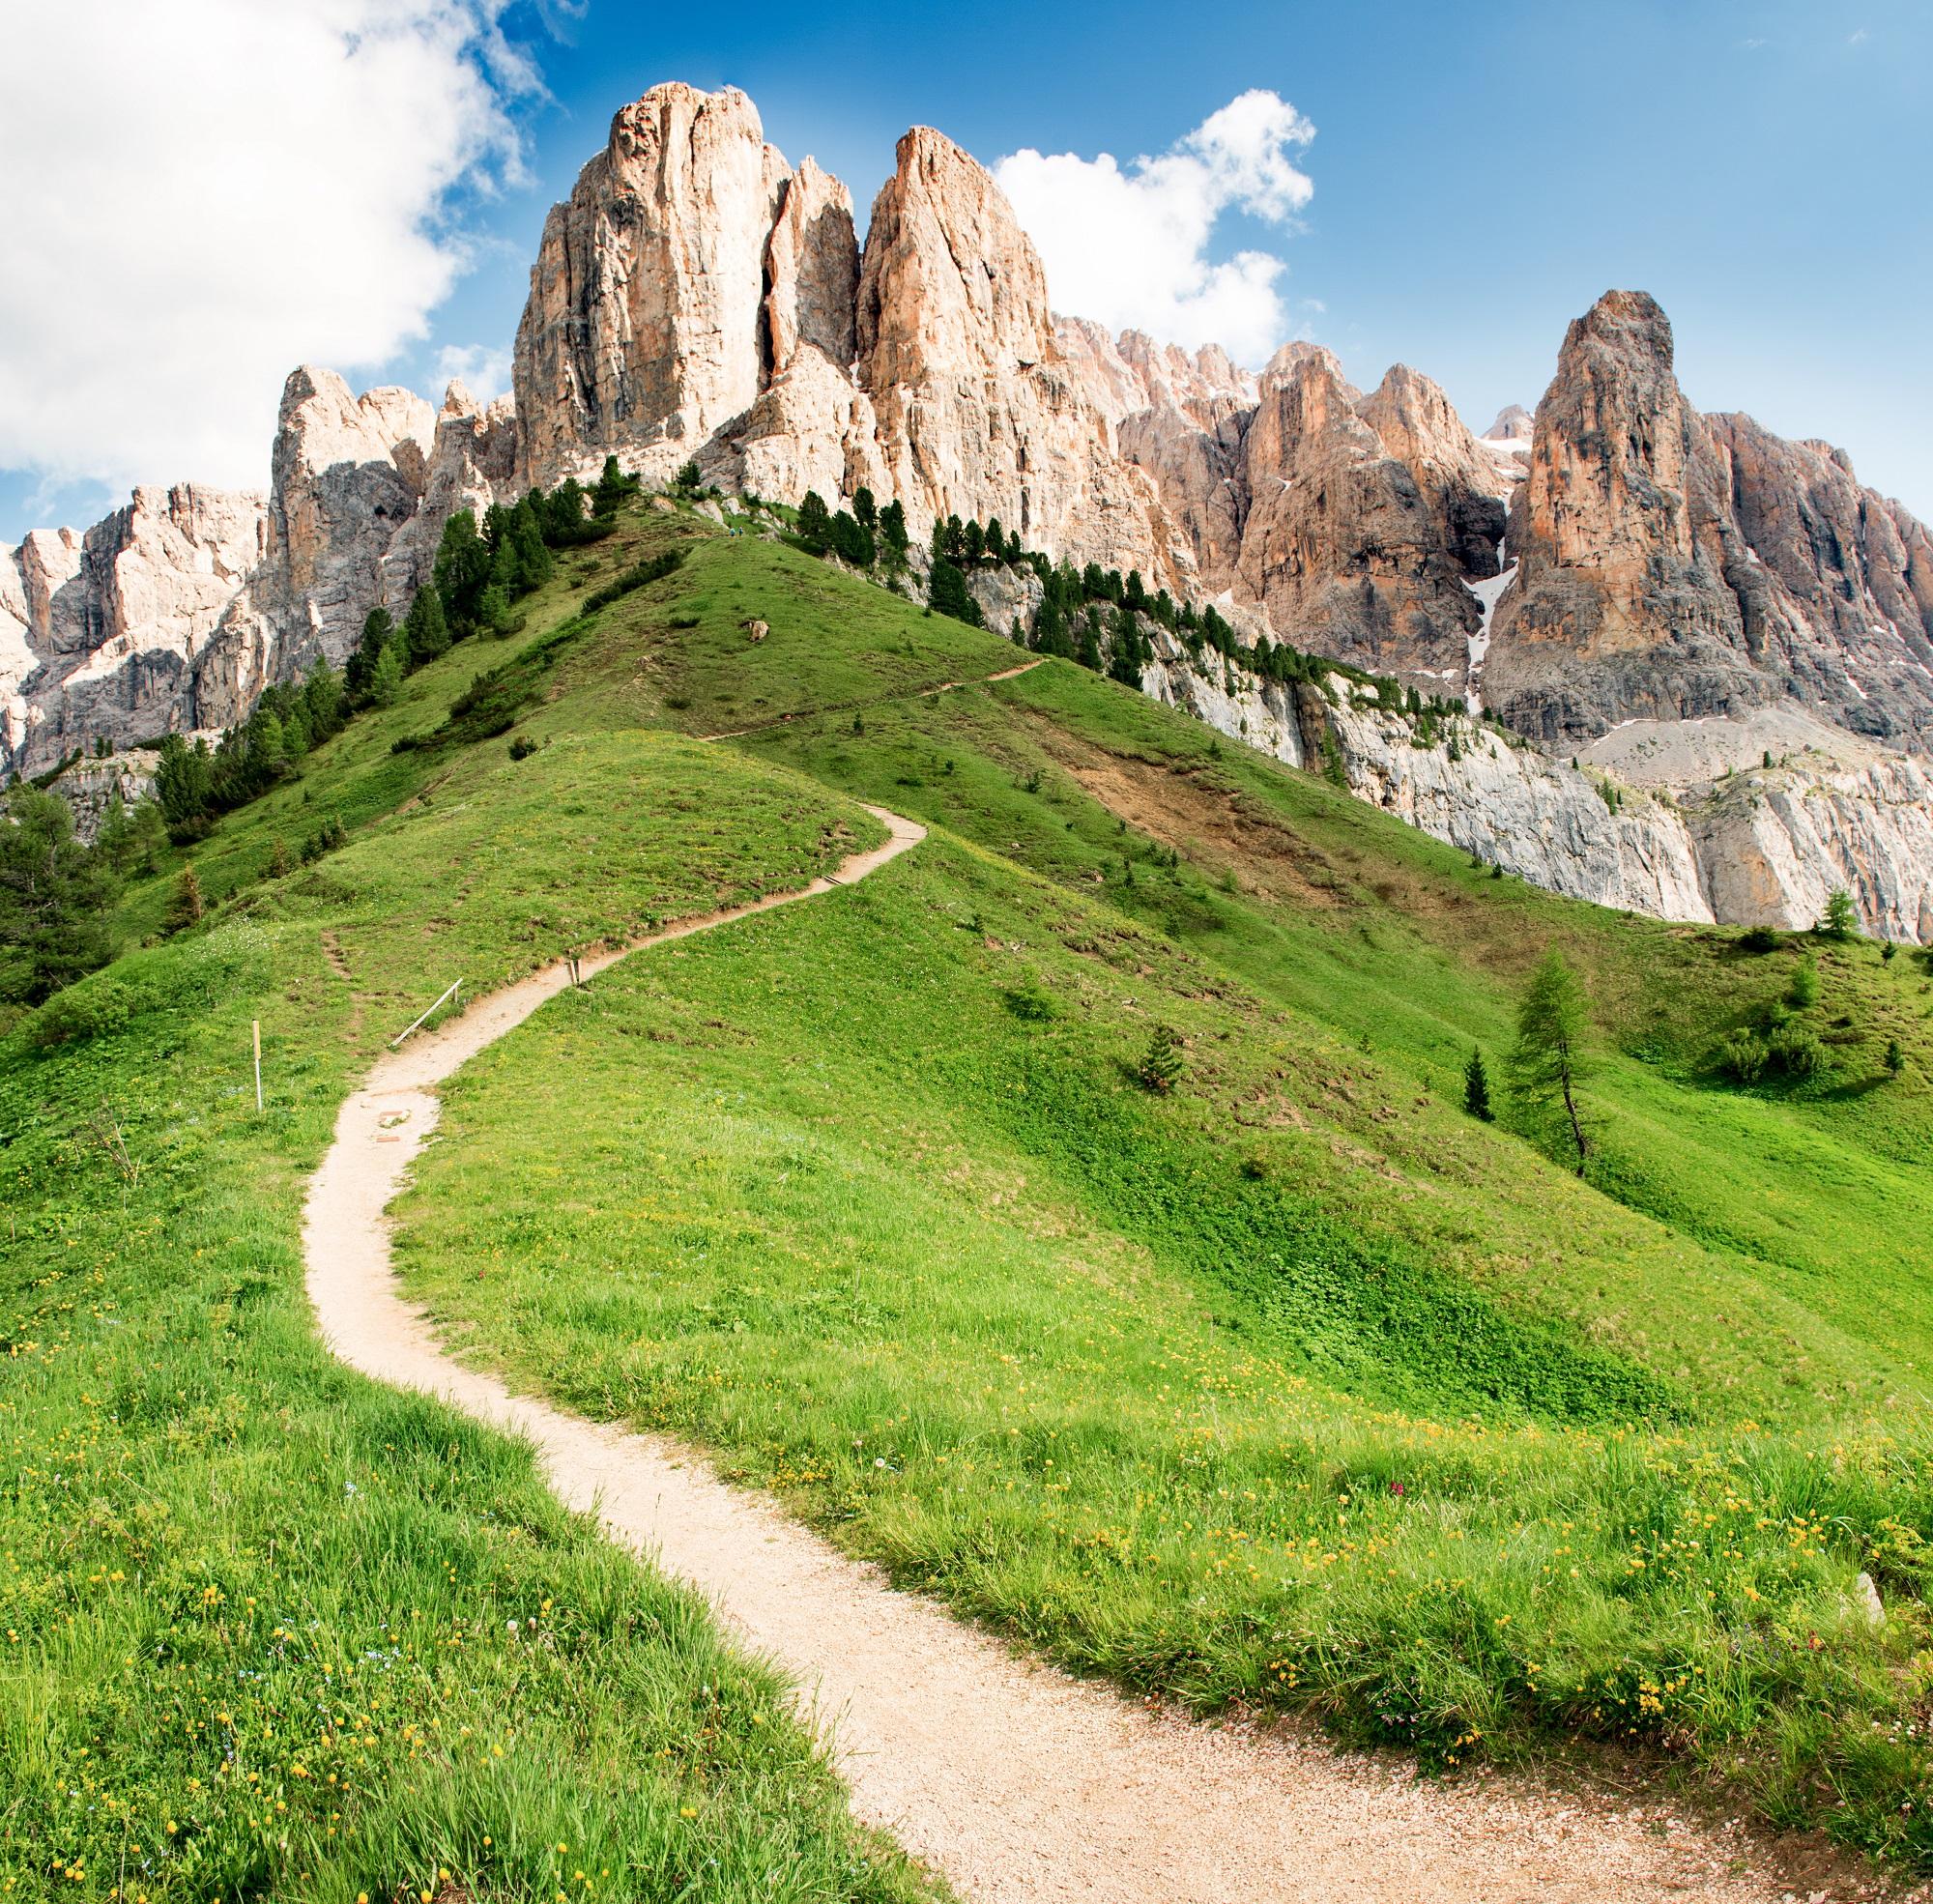 Eco-friendly travel tips mountains